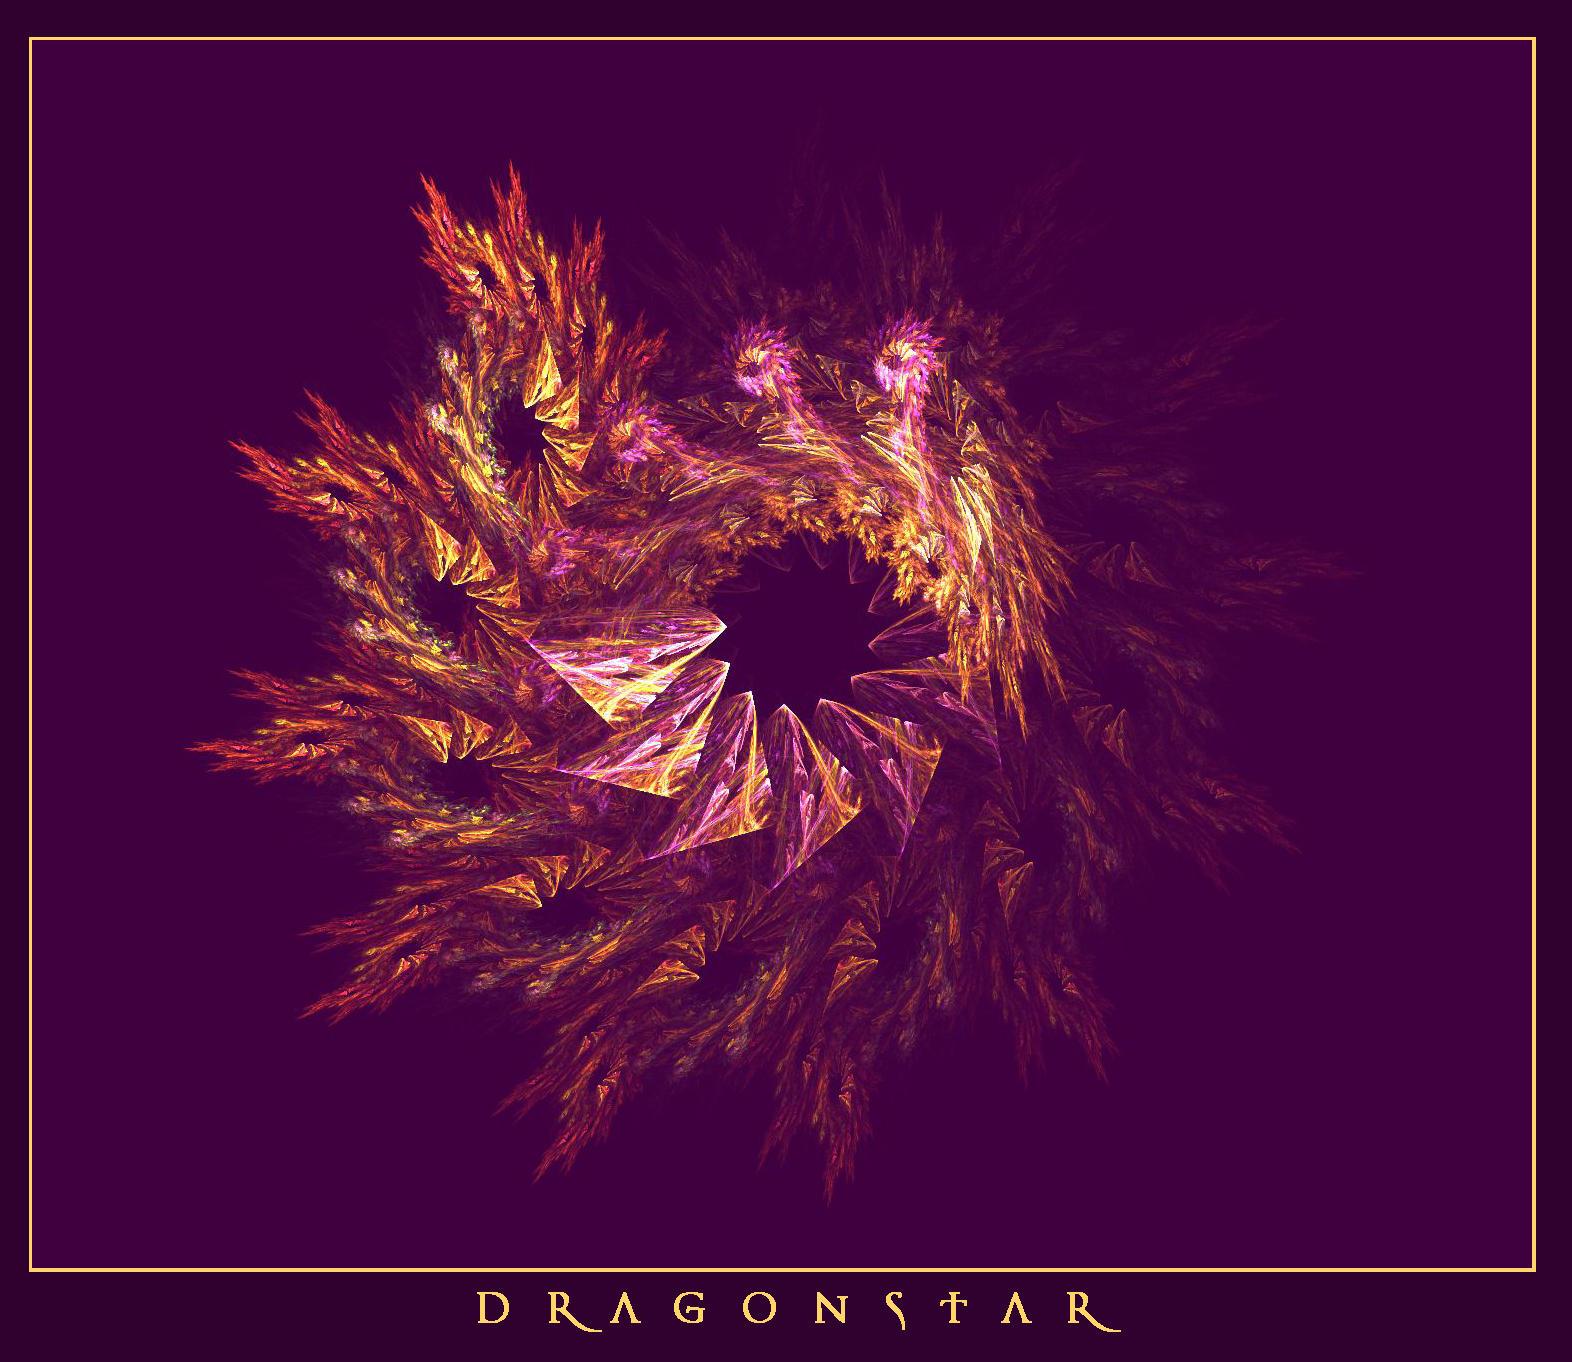 D R A G O N S T A R by DeepChrome